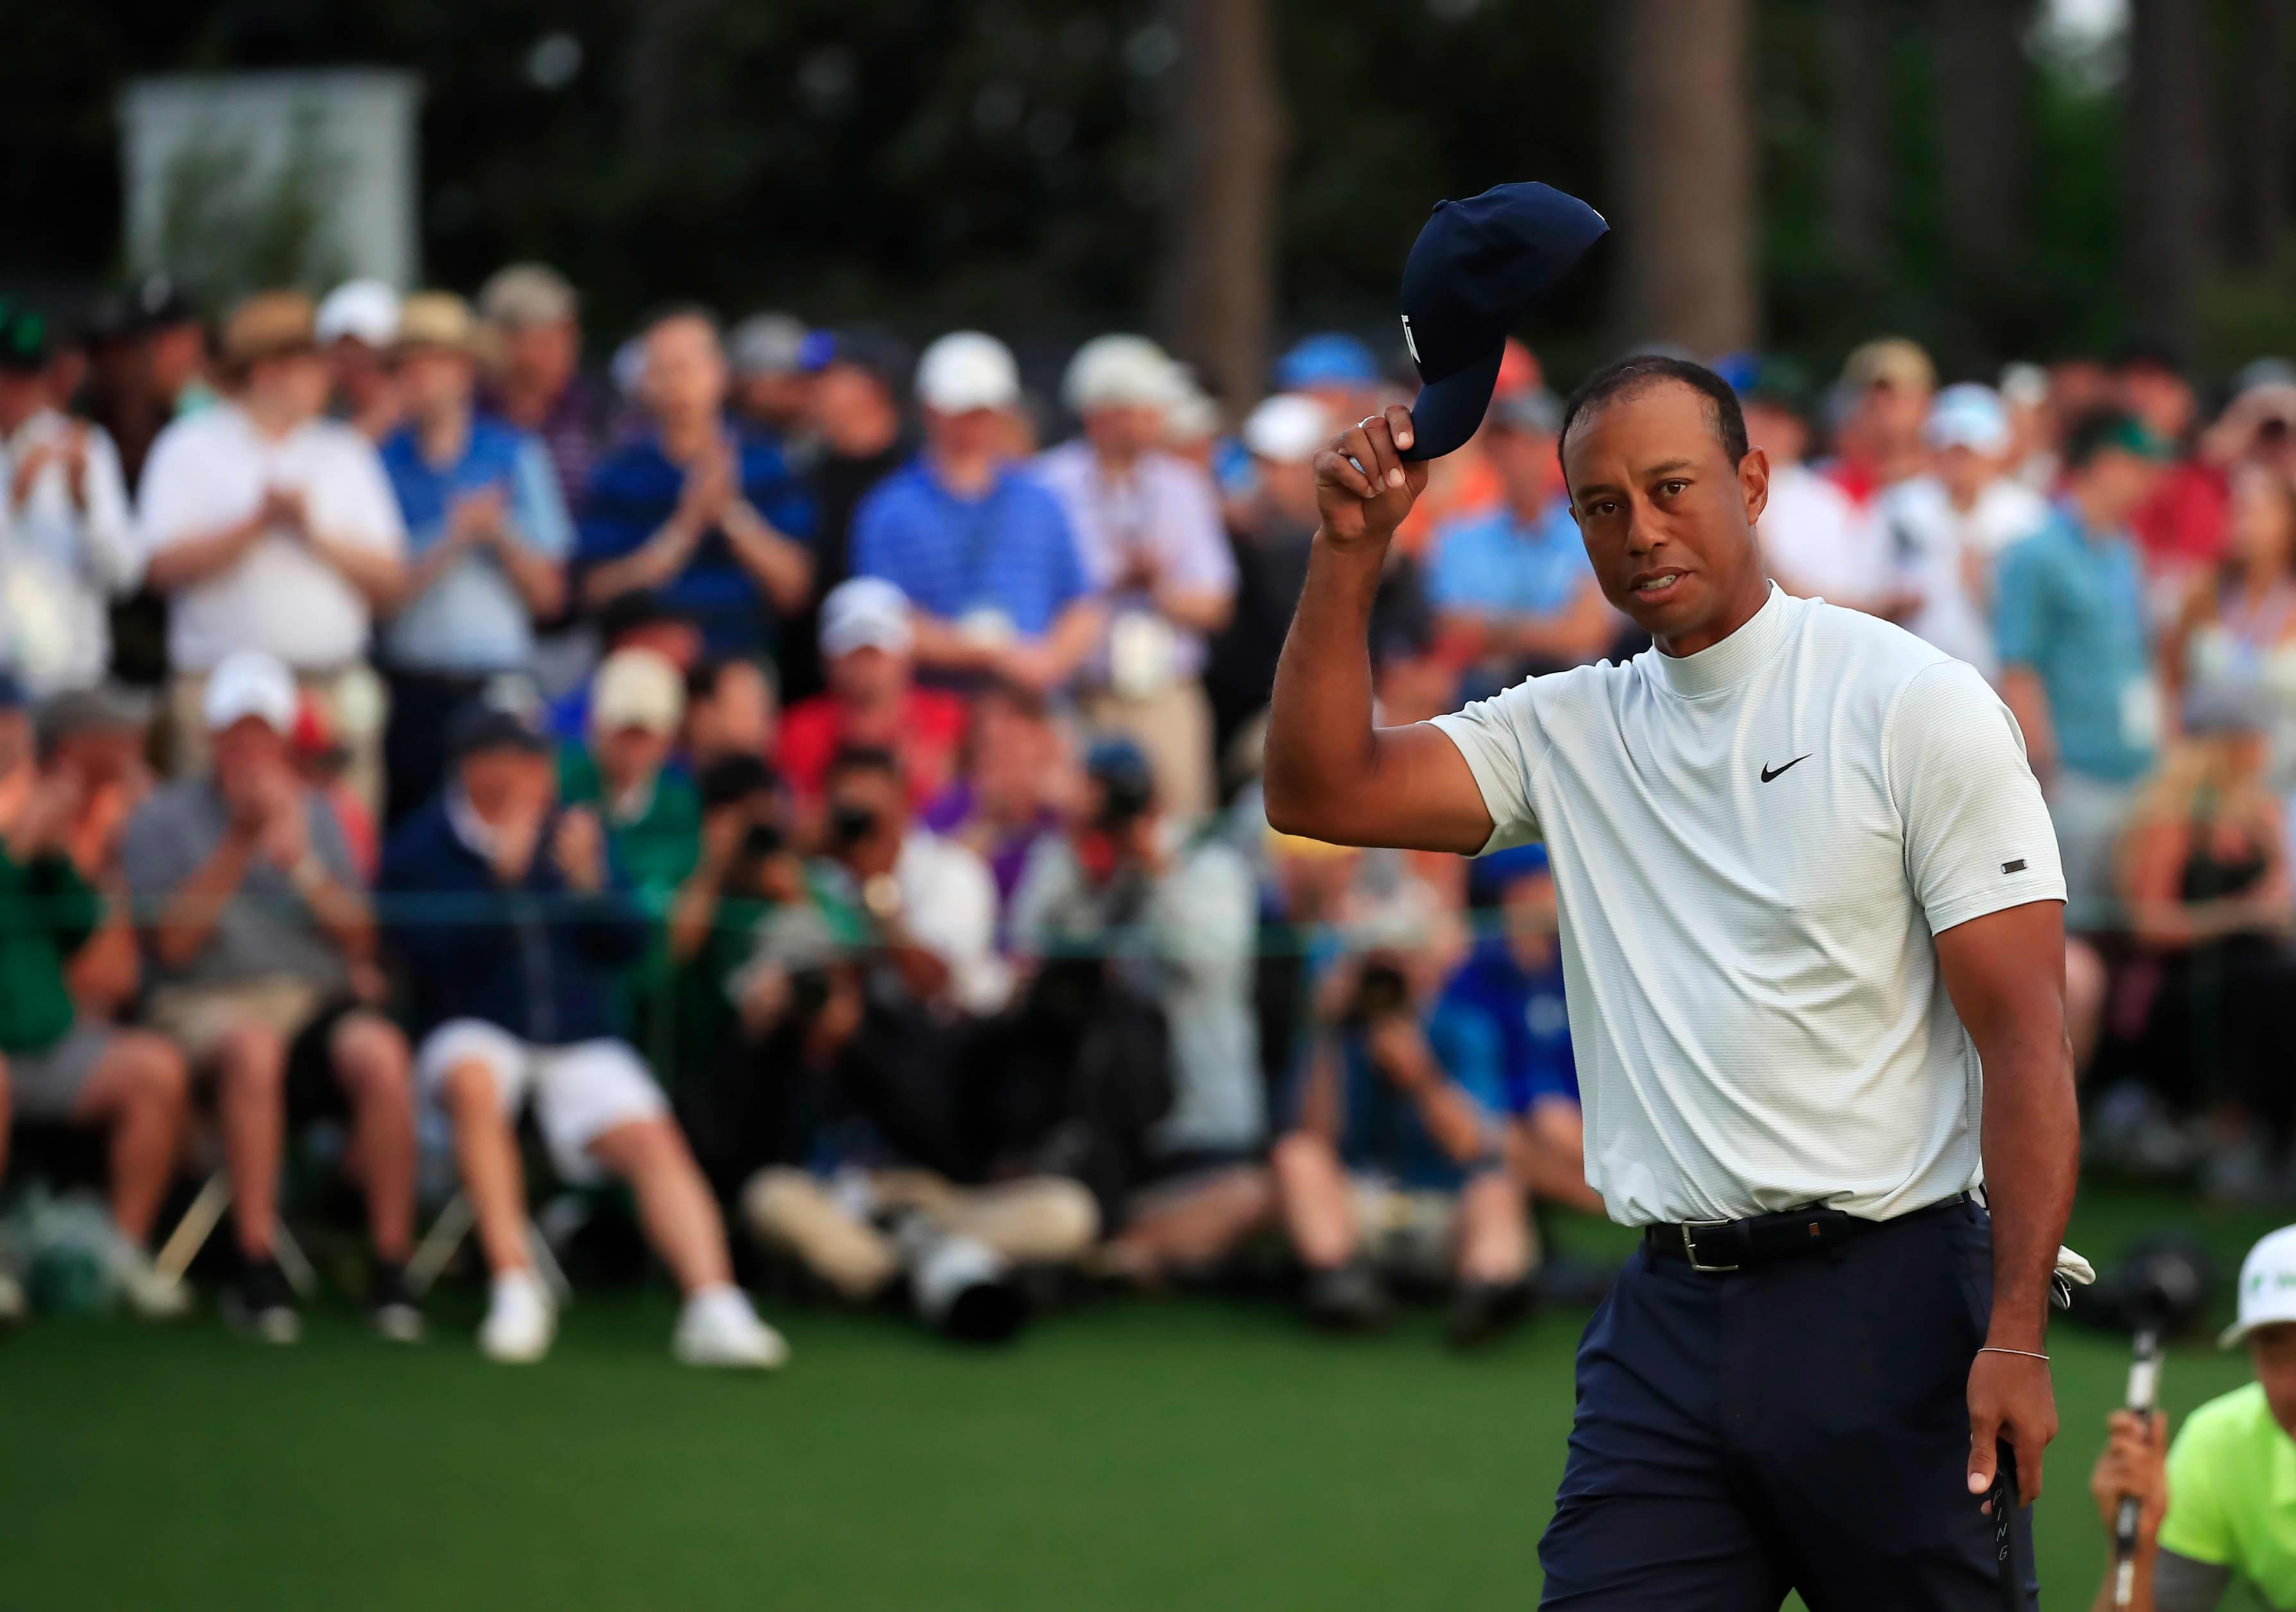 Tiger Woods kiittää yleisöä.